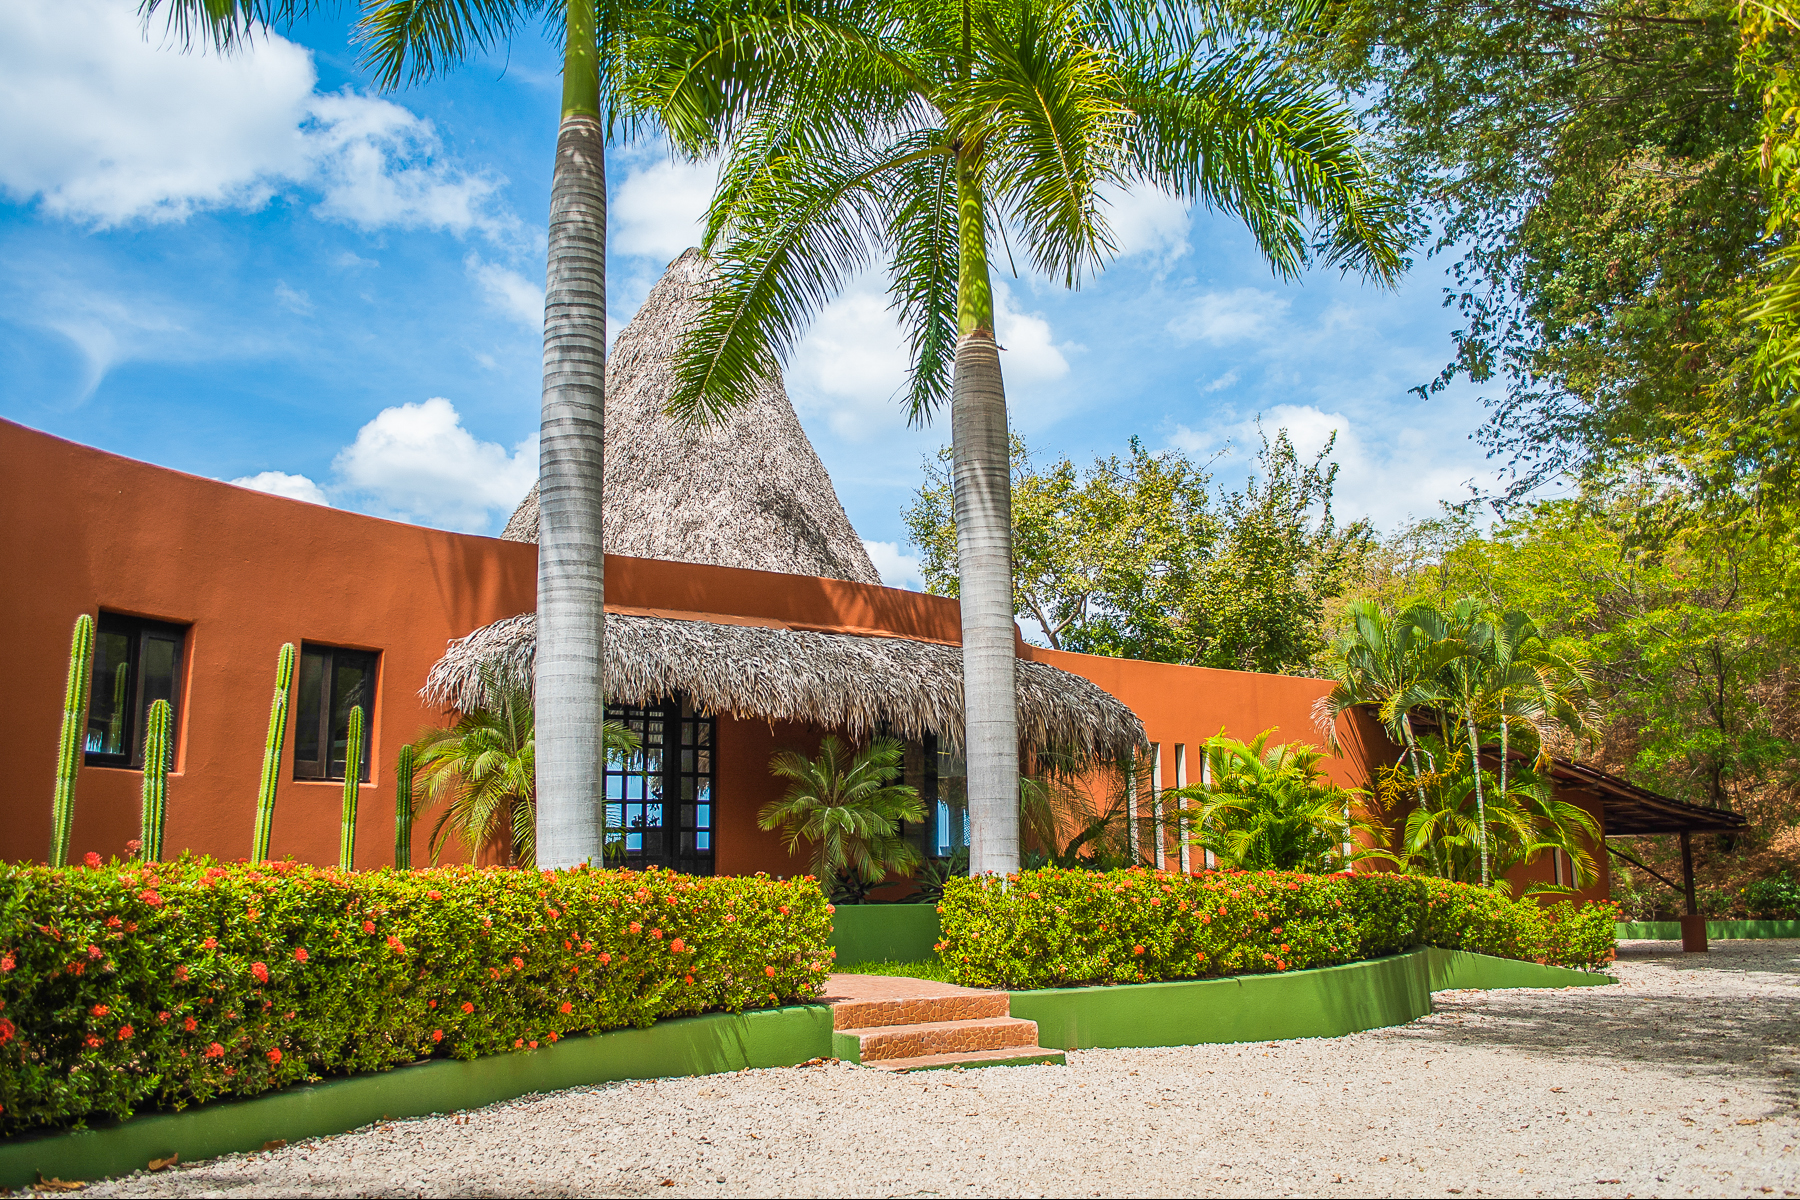 Property For Sale at Casa Sueños